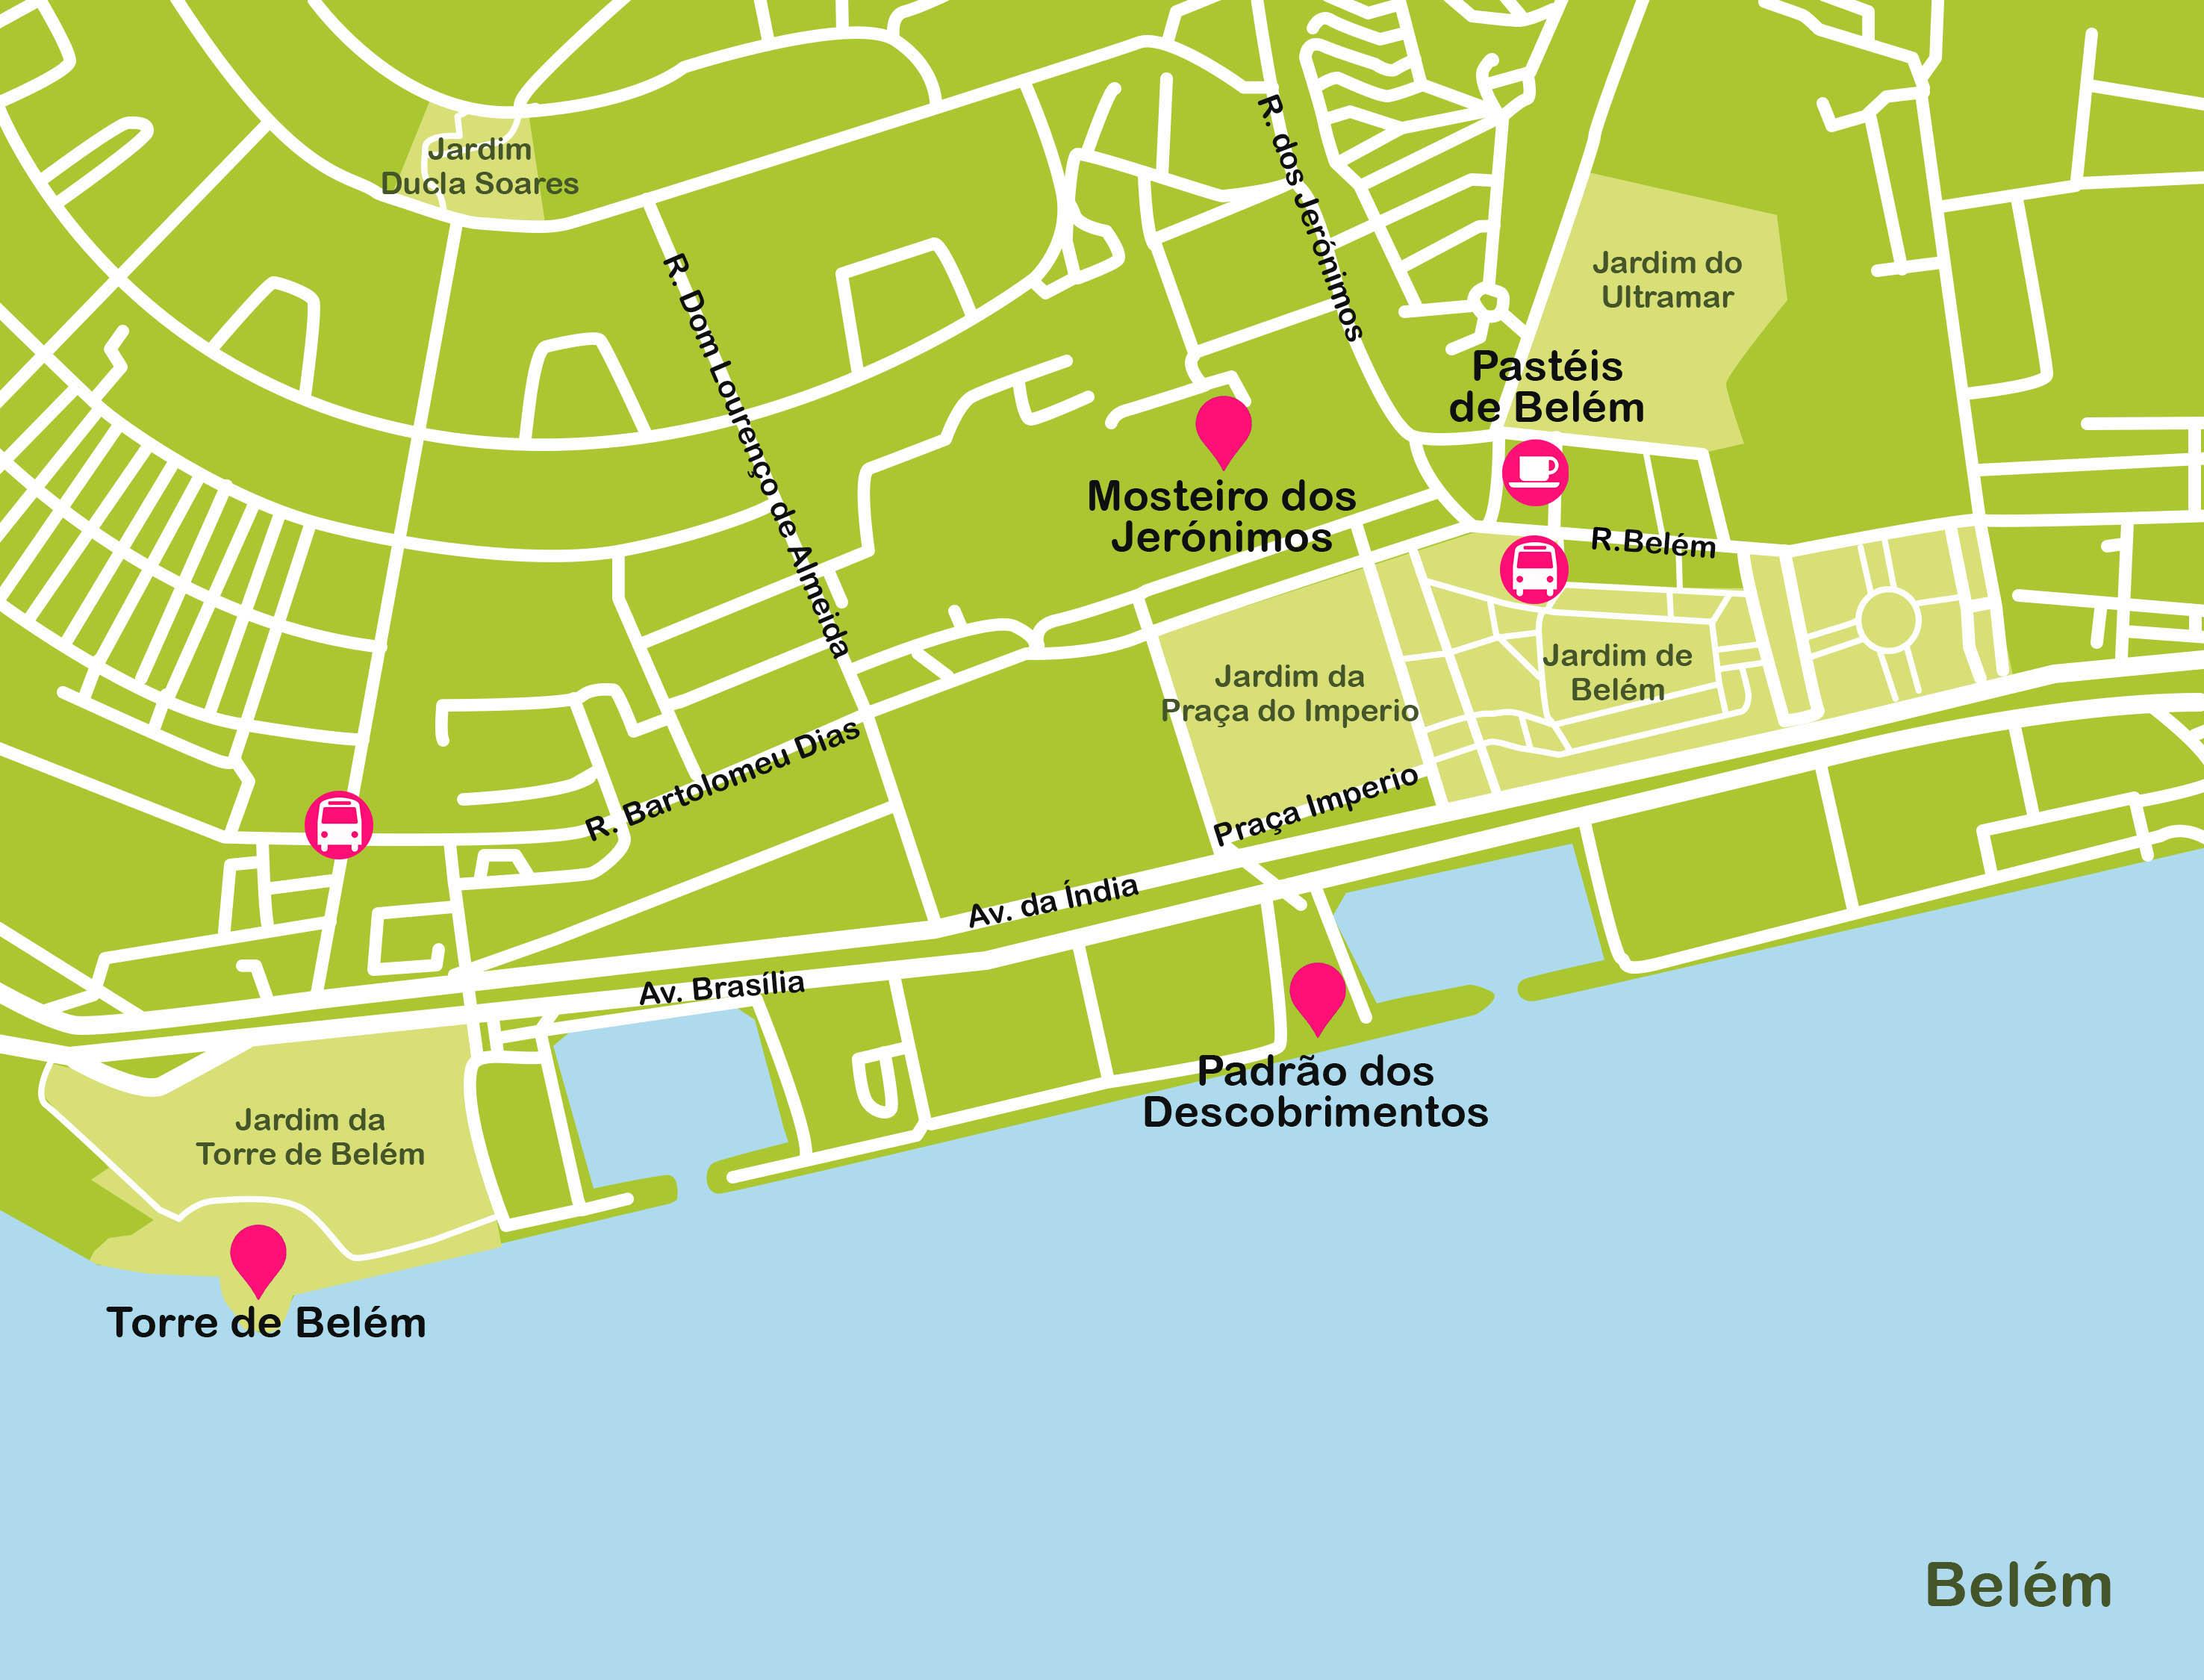 mapa lisboa belem Lisbon travel map | Lisbon plane mapa lisboa belem